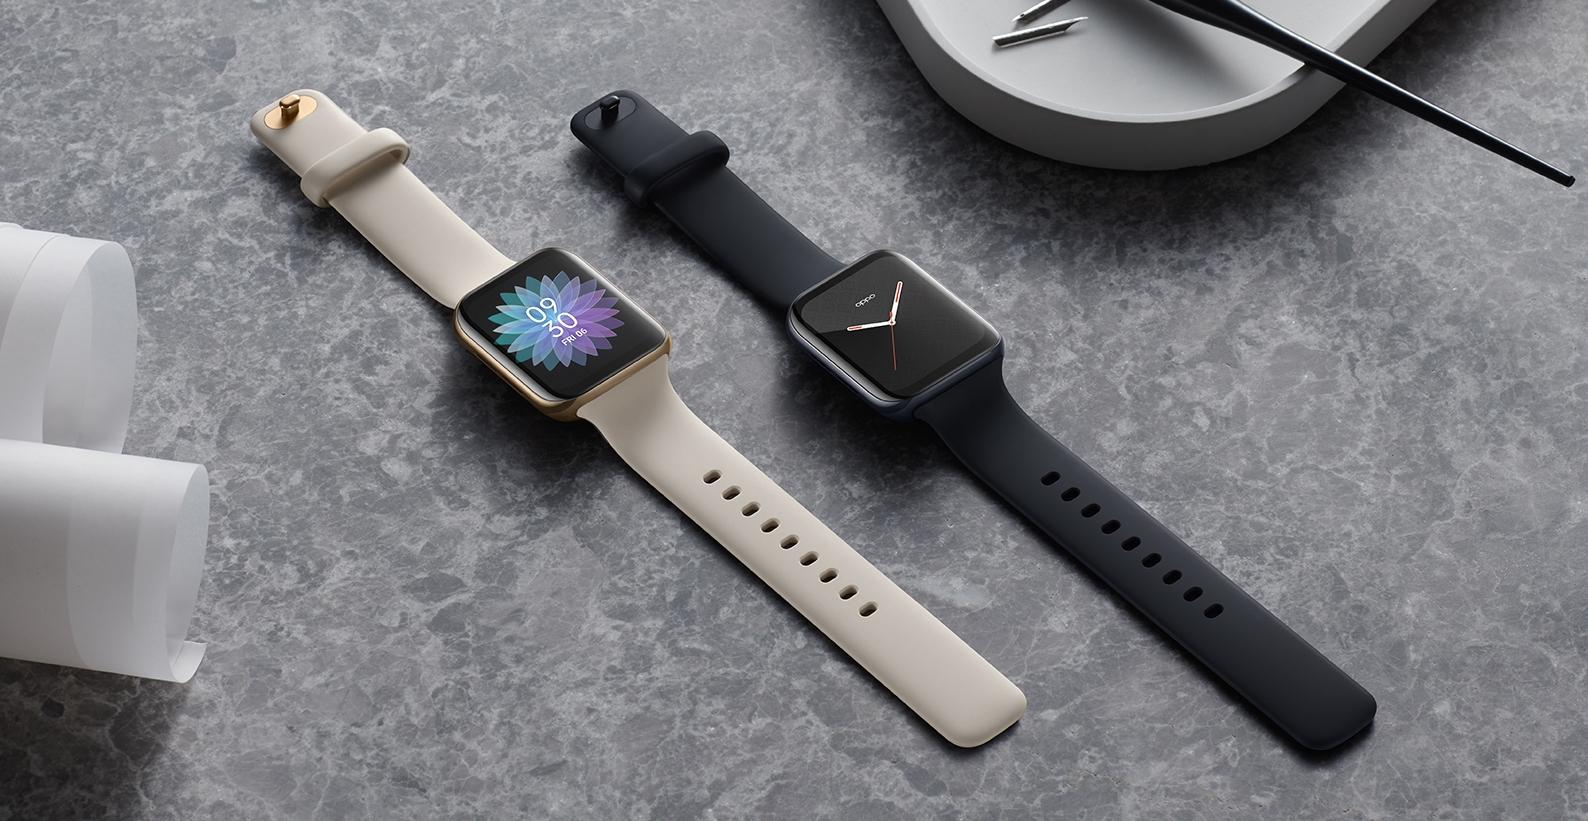 OPPO Watch 智慧錶登台,21 天超長續航力、運動健康監測、售價 6,990 元起